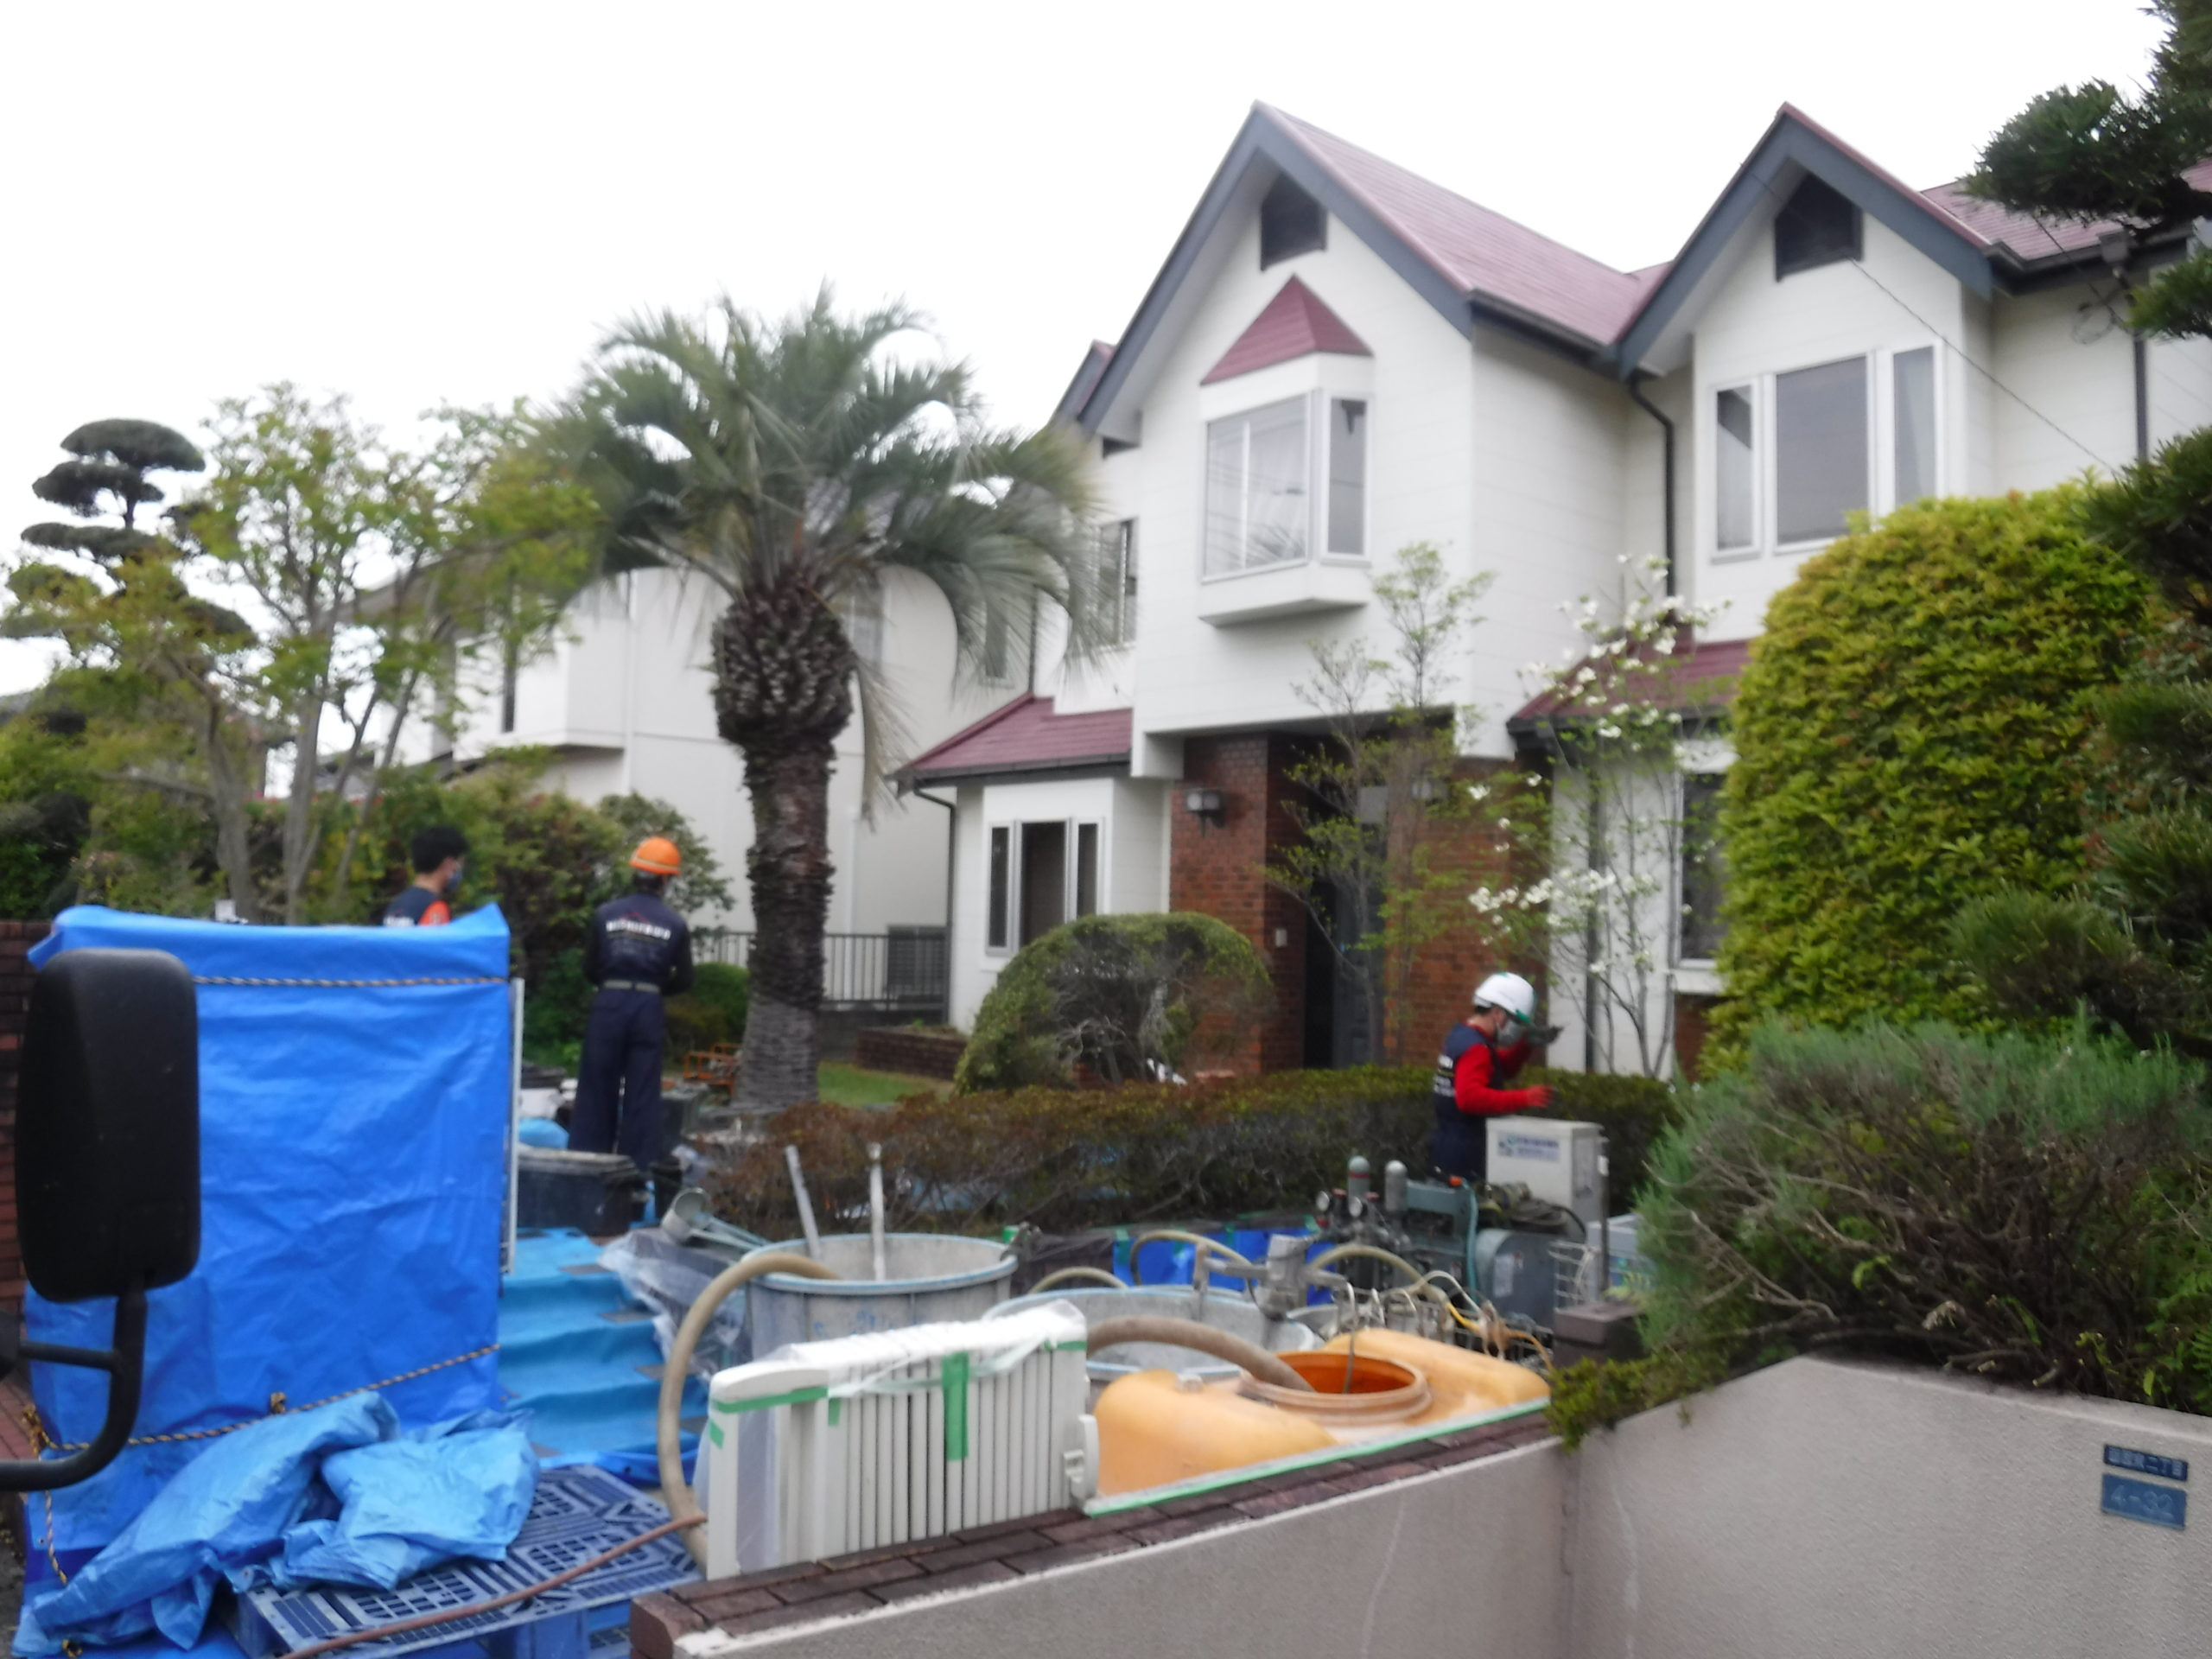 熊本県 中古住宅売買は建物を水平にして